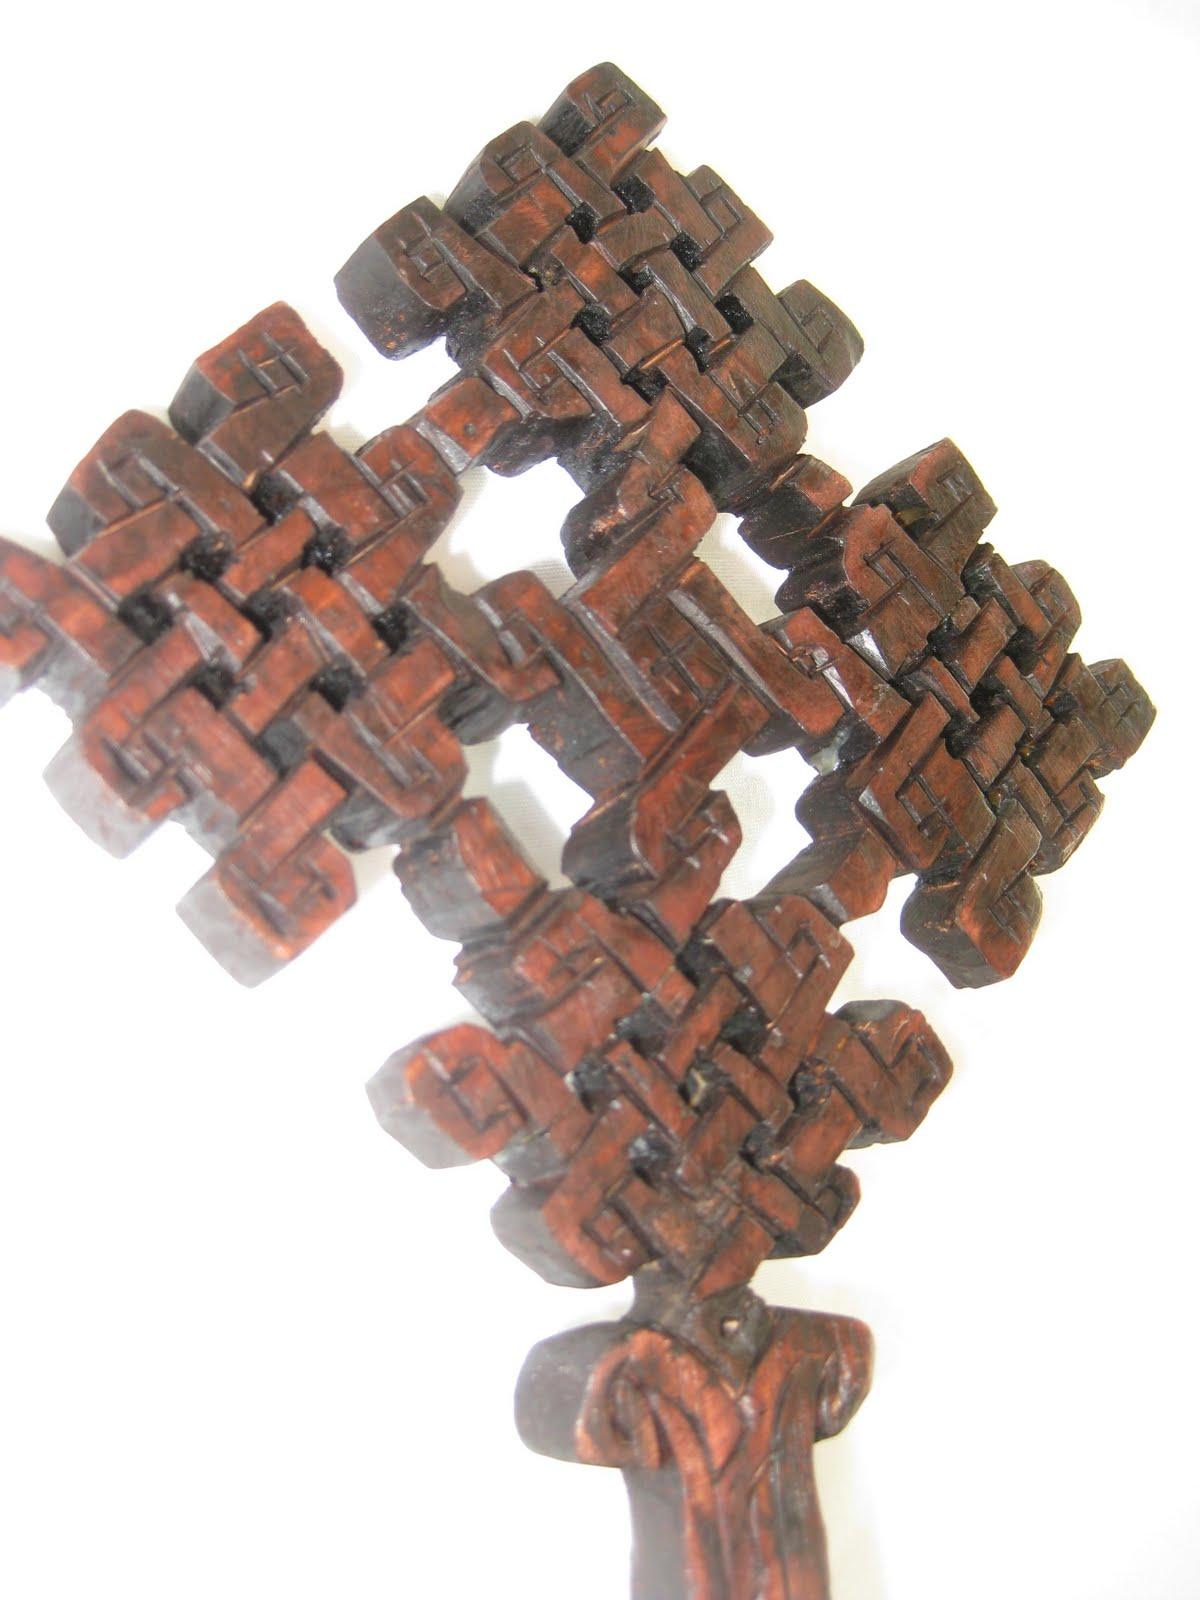 Ethiopian Wooden Cross Adami Tulu Project: It...